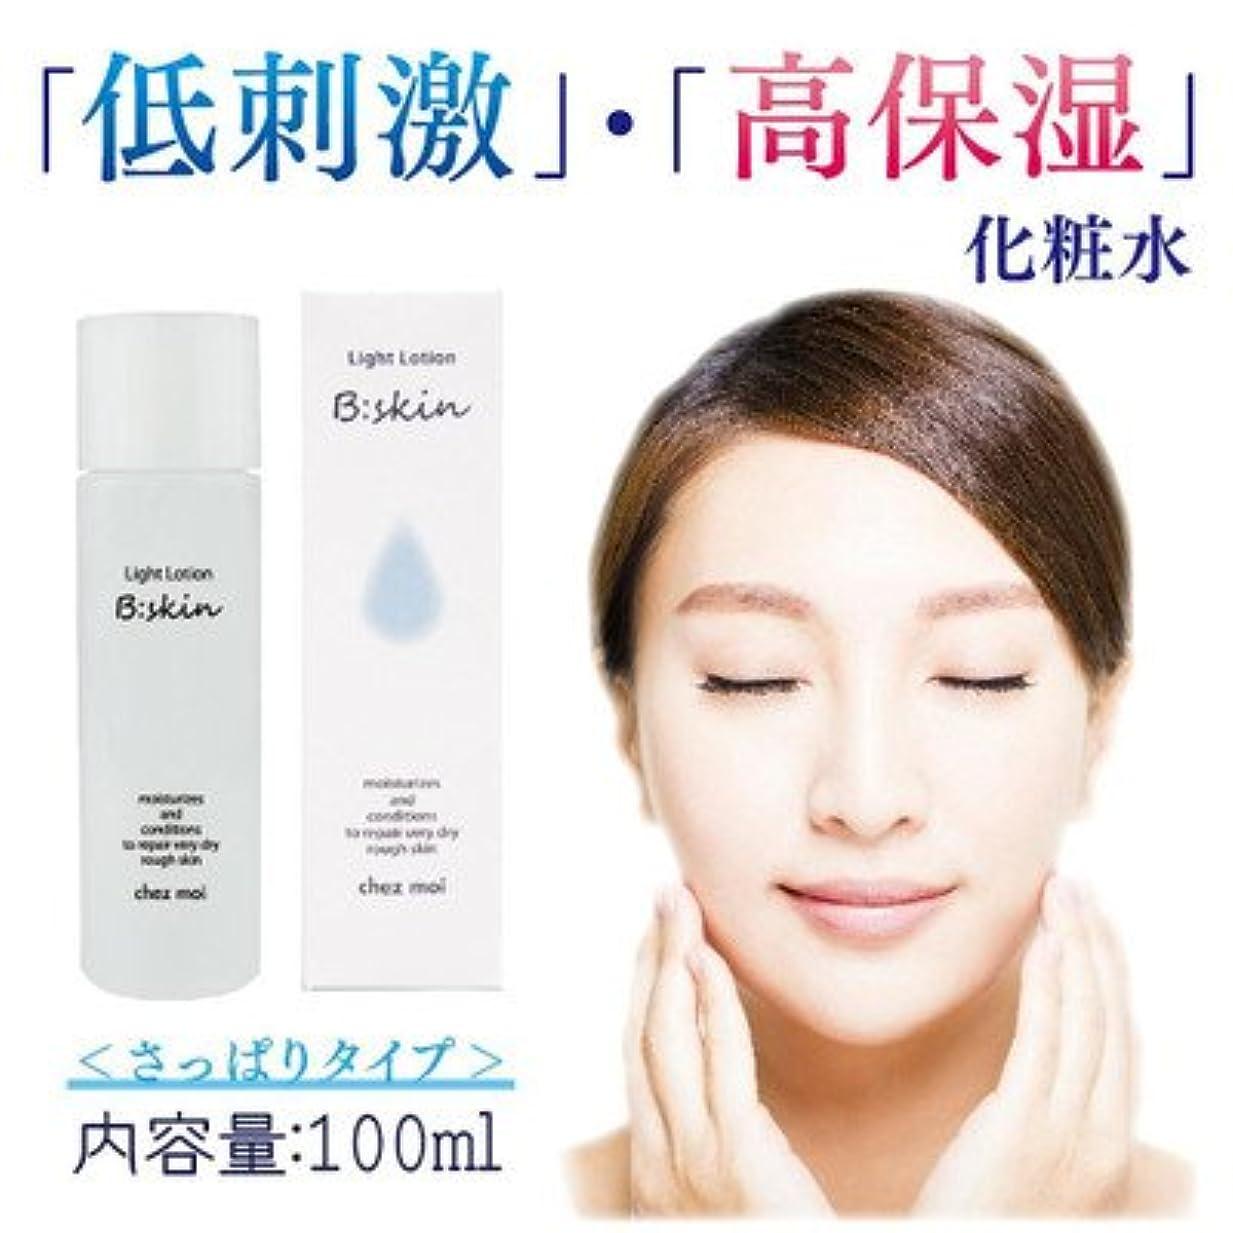 トレーダー残り抗生物質低刺激 高保湿 さっぱりタイプの化粧水 B:skin ビースキン Light Lotion ライトローション さっぱりタイプ 化粧水 100mL